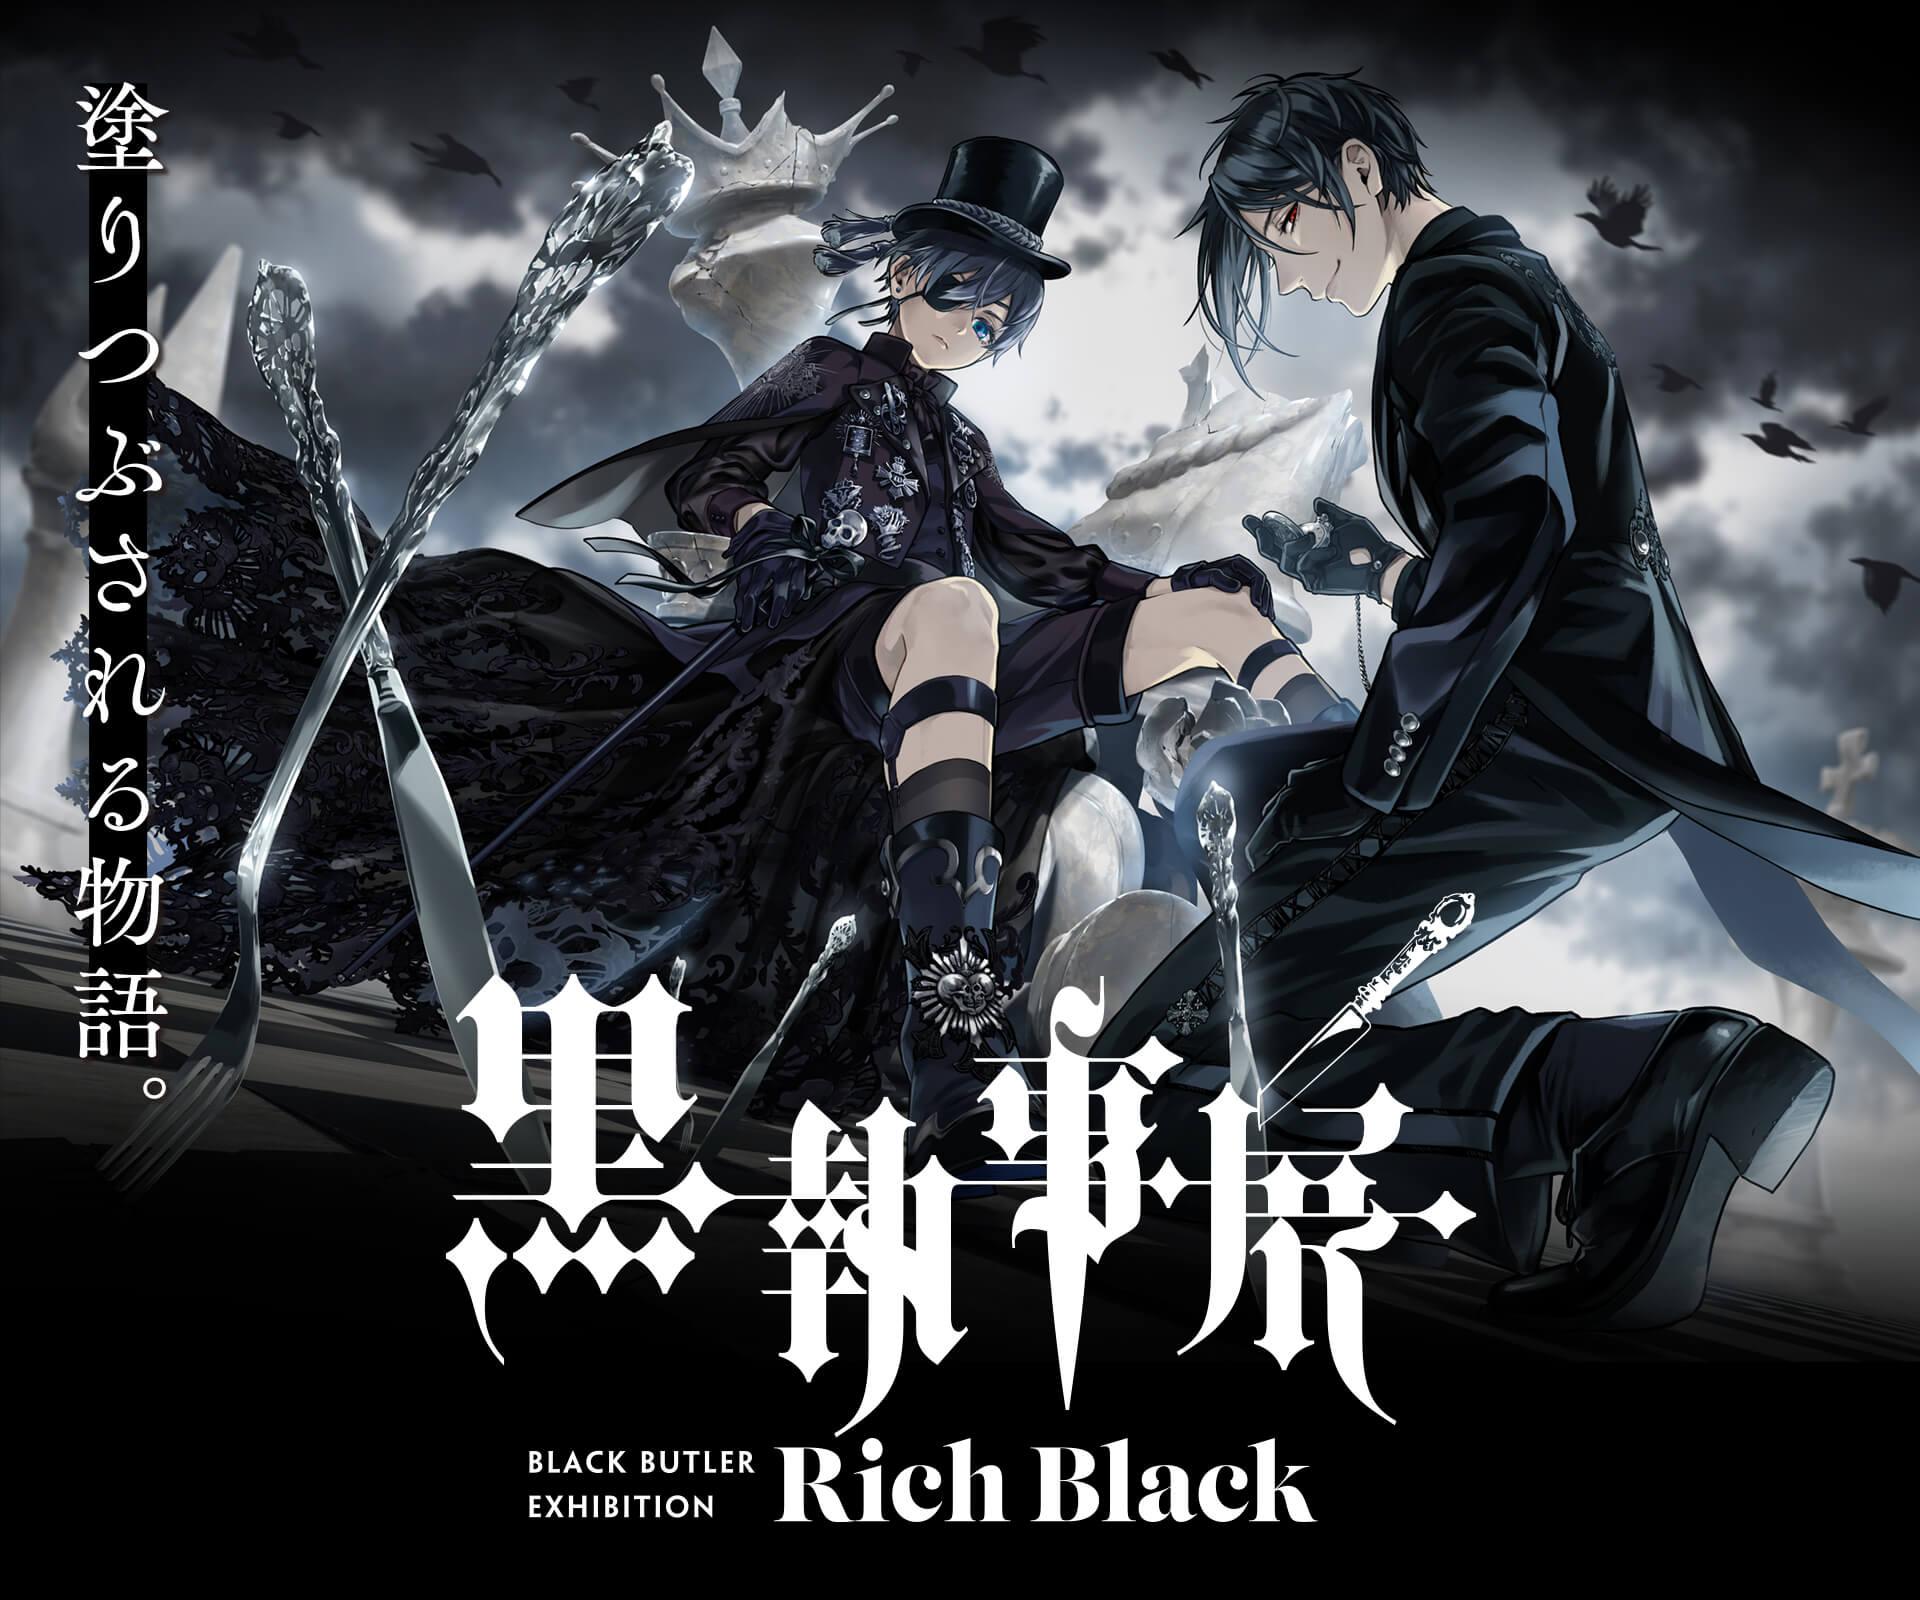 Black Butler Rich Black